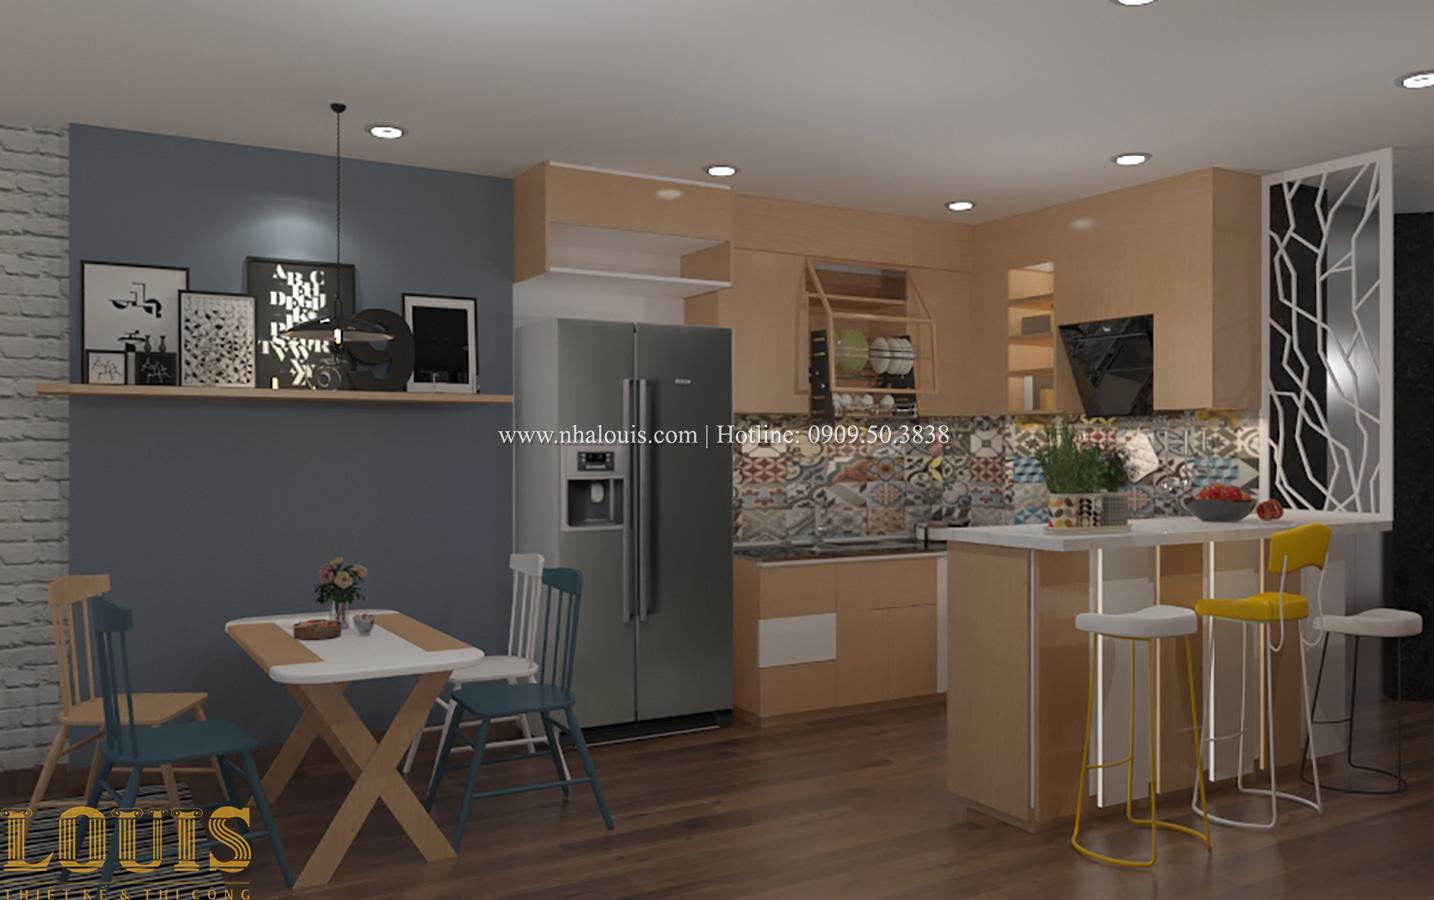 Món nội thất phòng bếp cho nhà ống